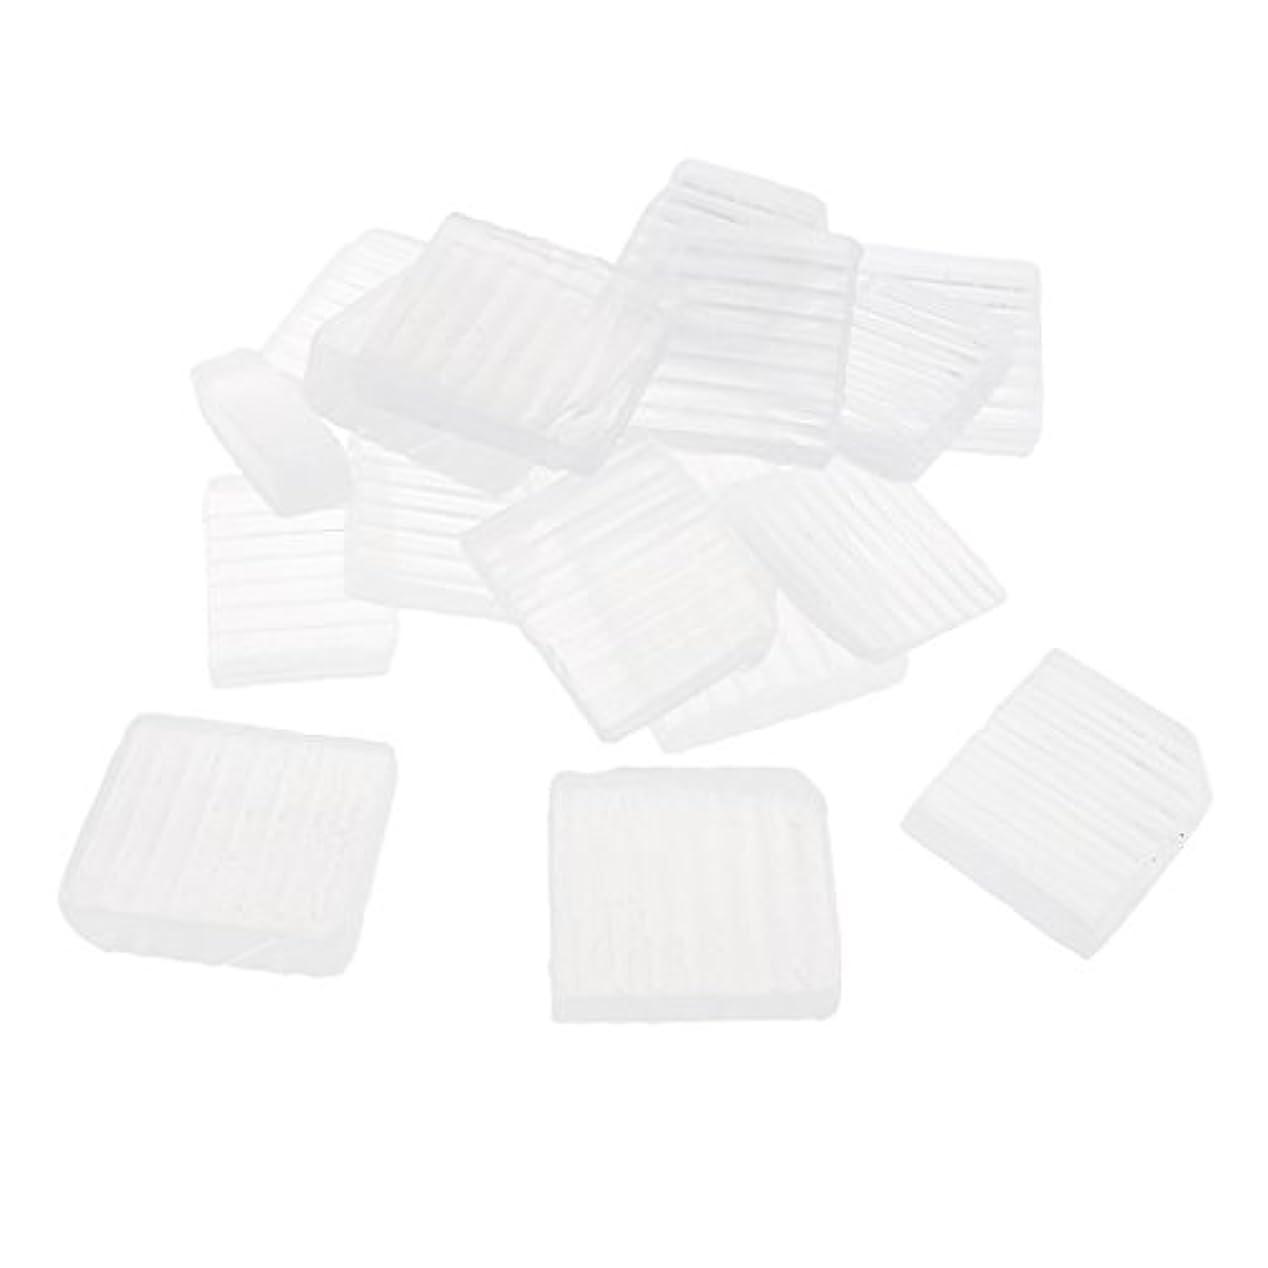 雲ウルルラジカルSharplace 透明 石鹸ベース DIY 手作り 石鹸 約1 KG